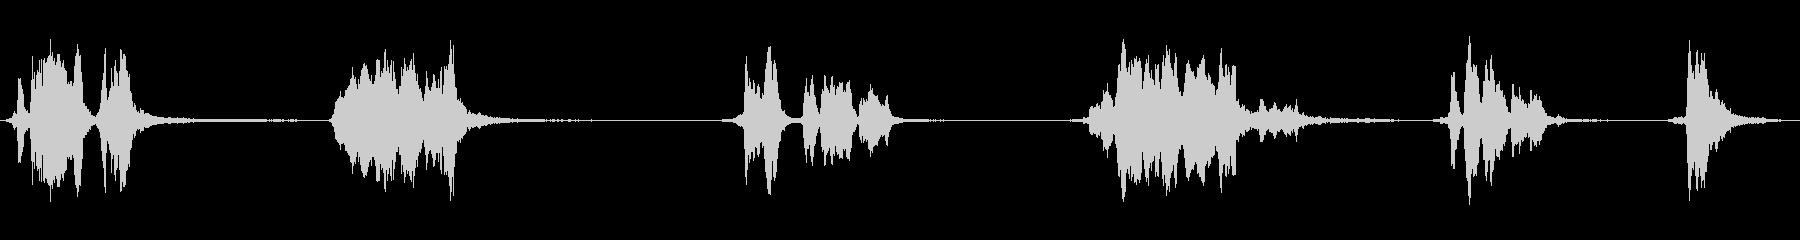 金属摩擦スライドx6の未再生の波形